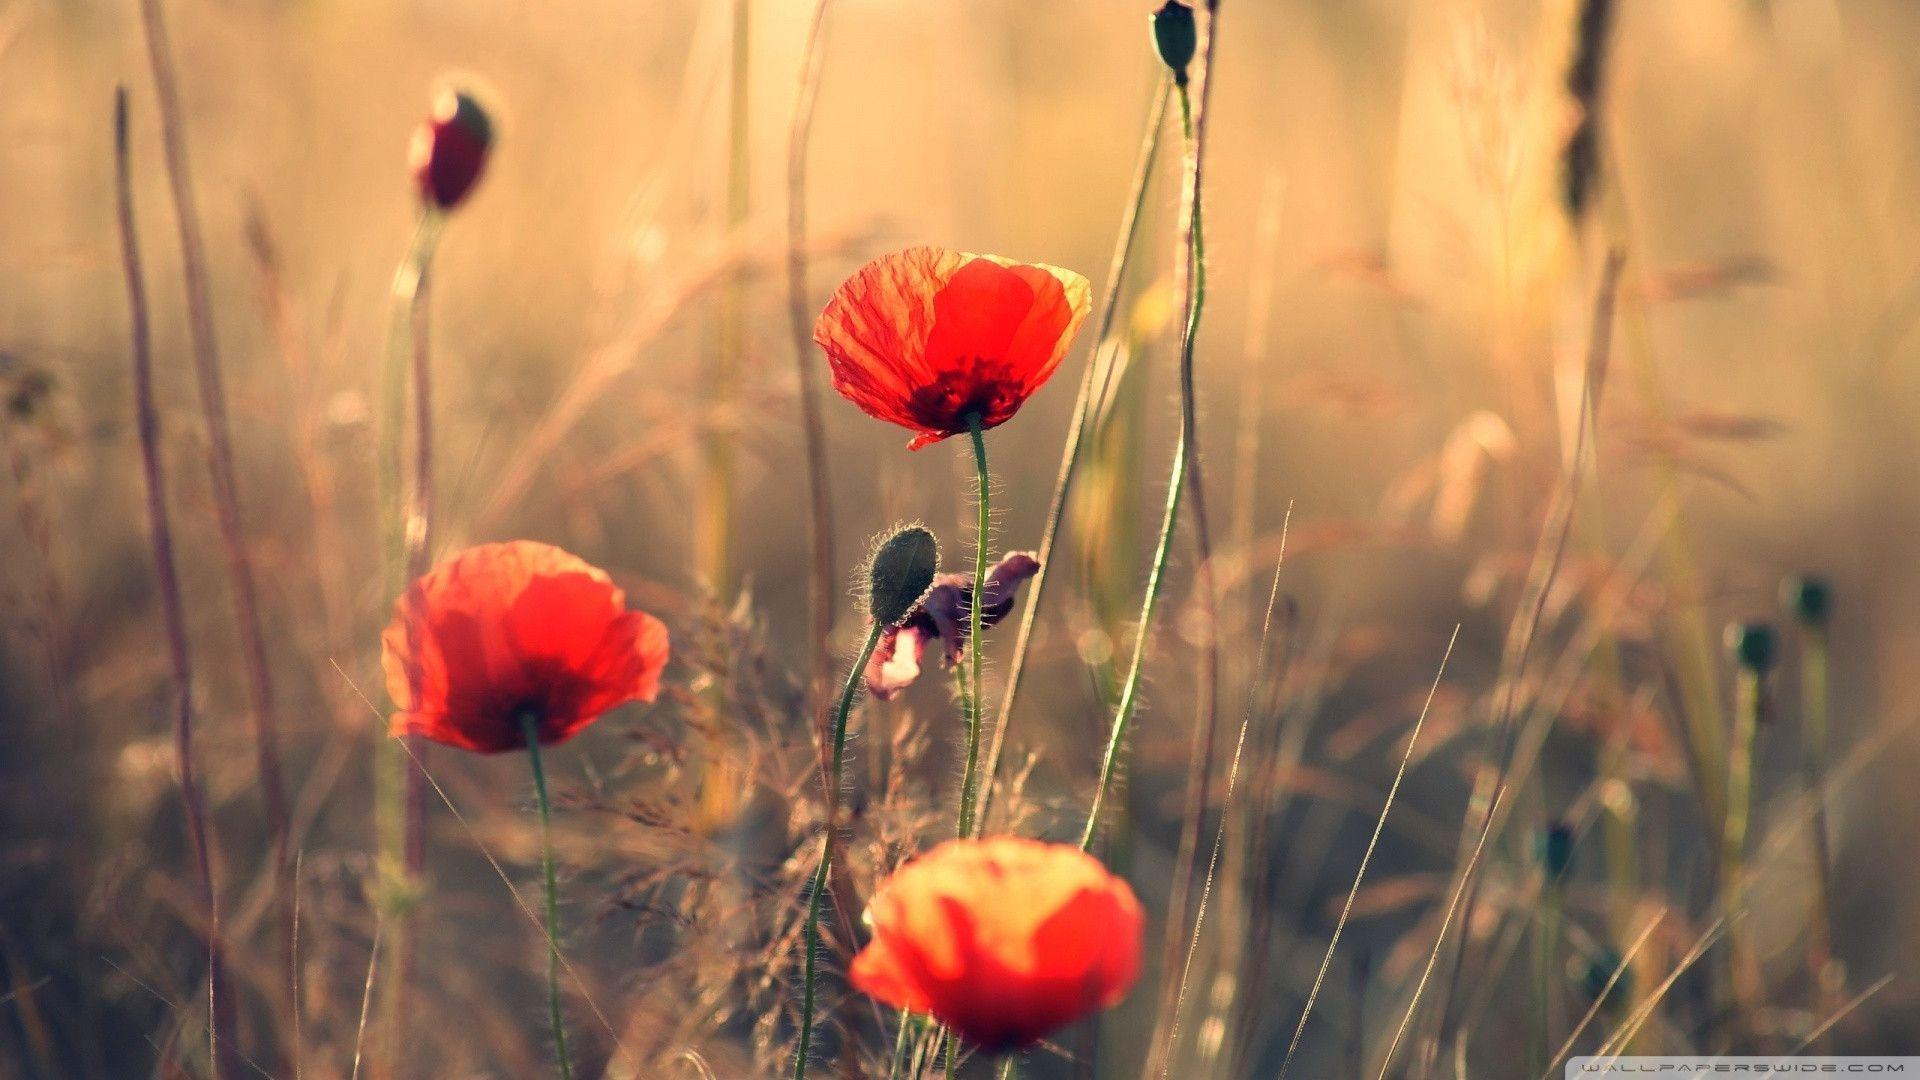 poppy red background - photo #21